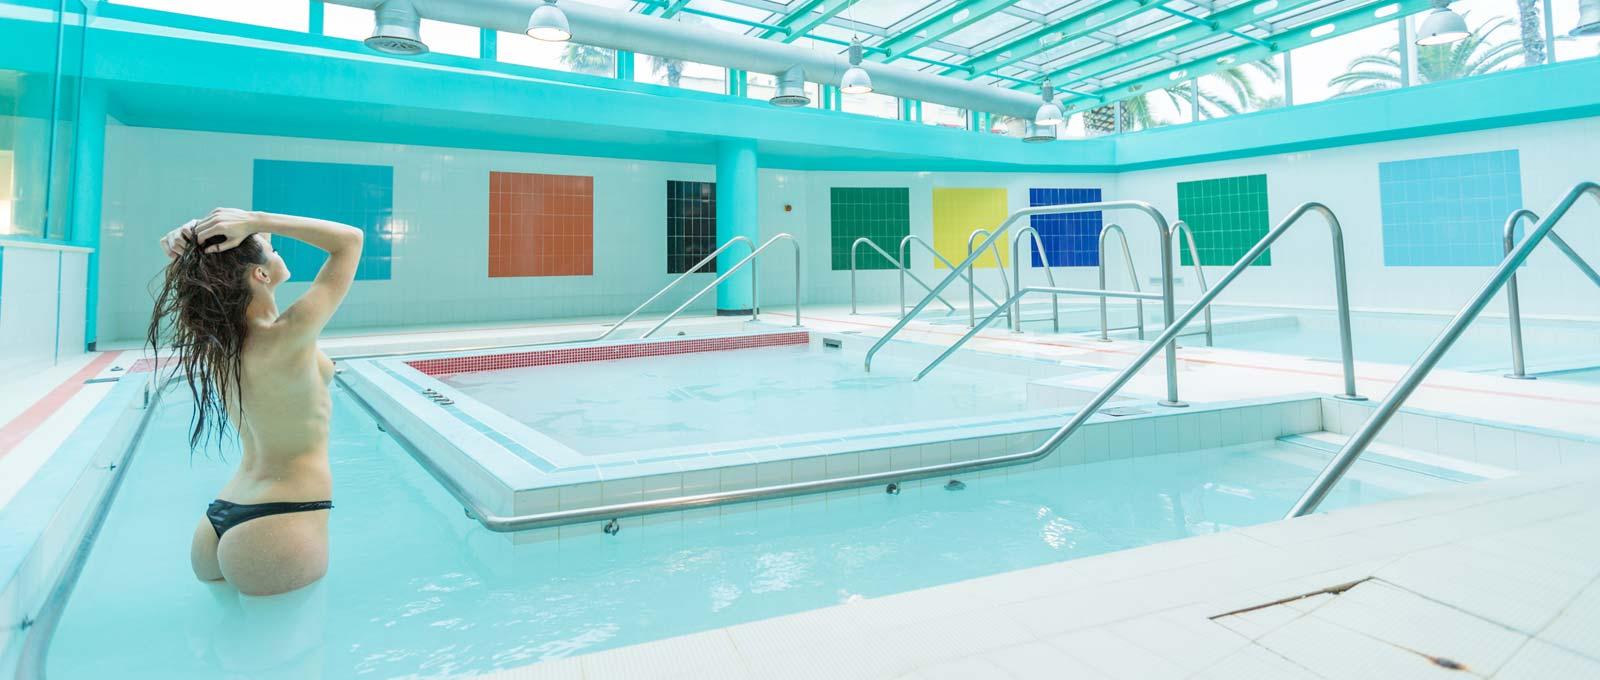 Hotel termale nel lazio con 6000 mq di bagni e piscine di acqua termale victoria terme hotel - Hotel piscina roma ...